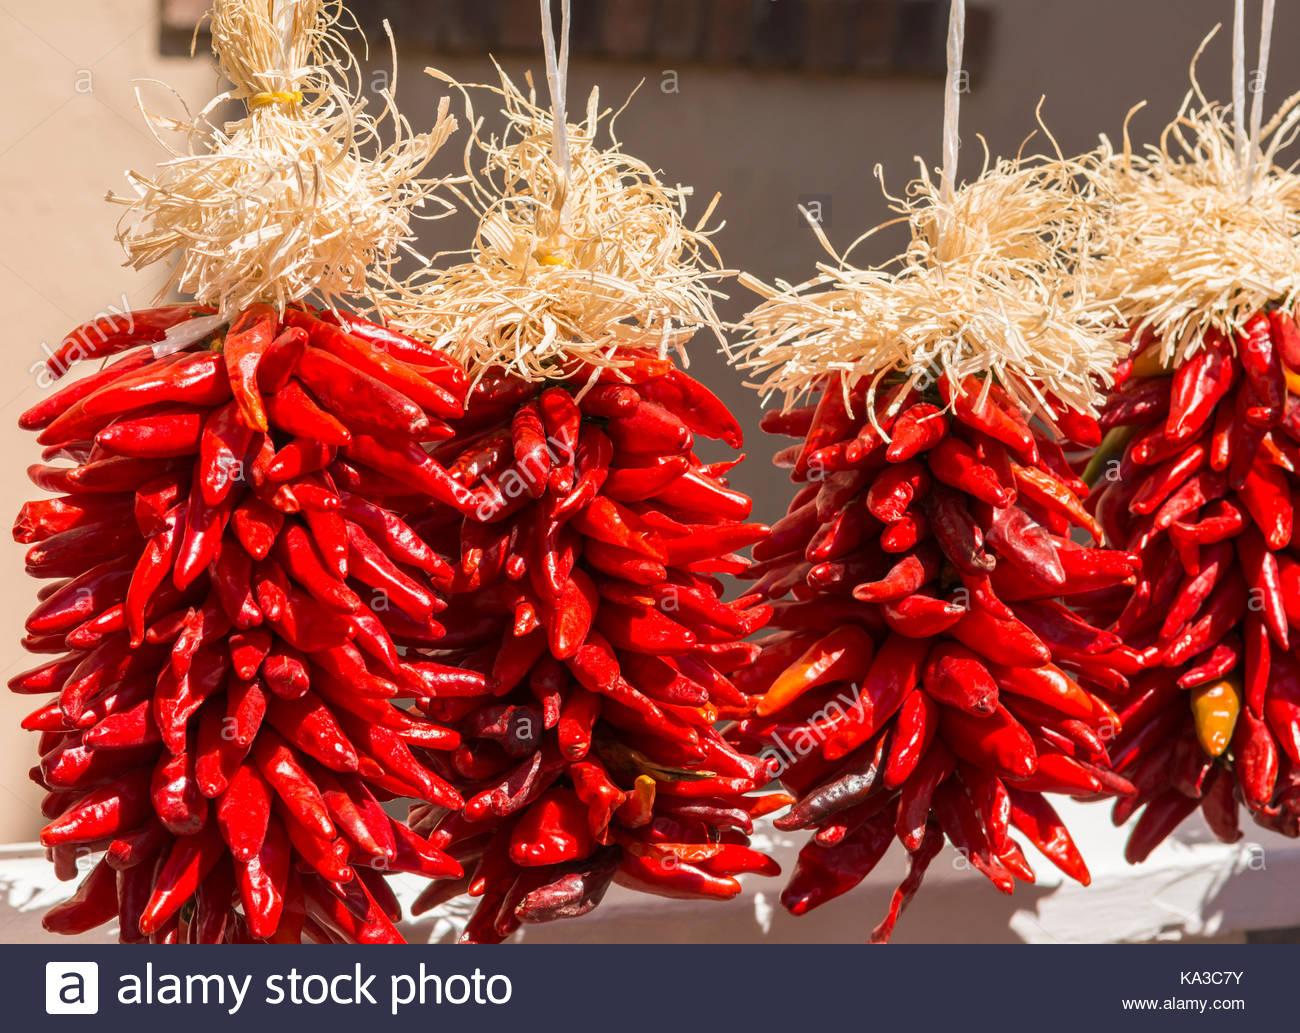 Mature chilean hung